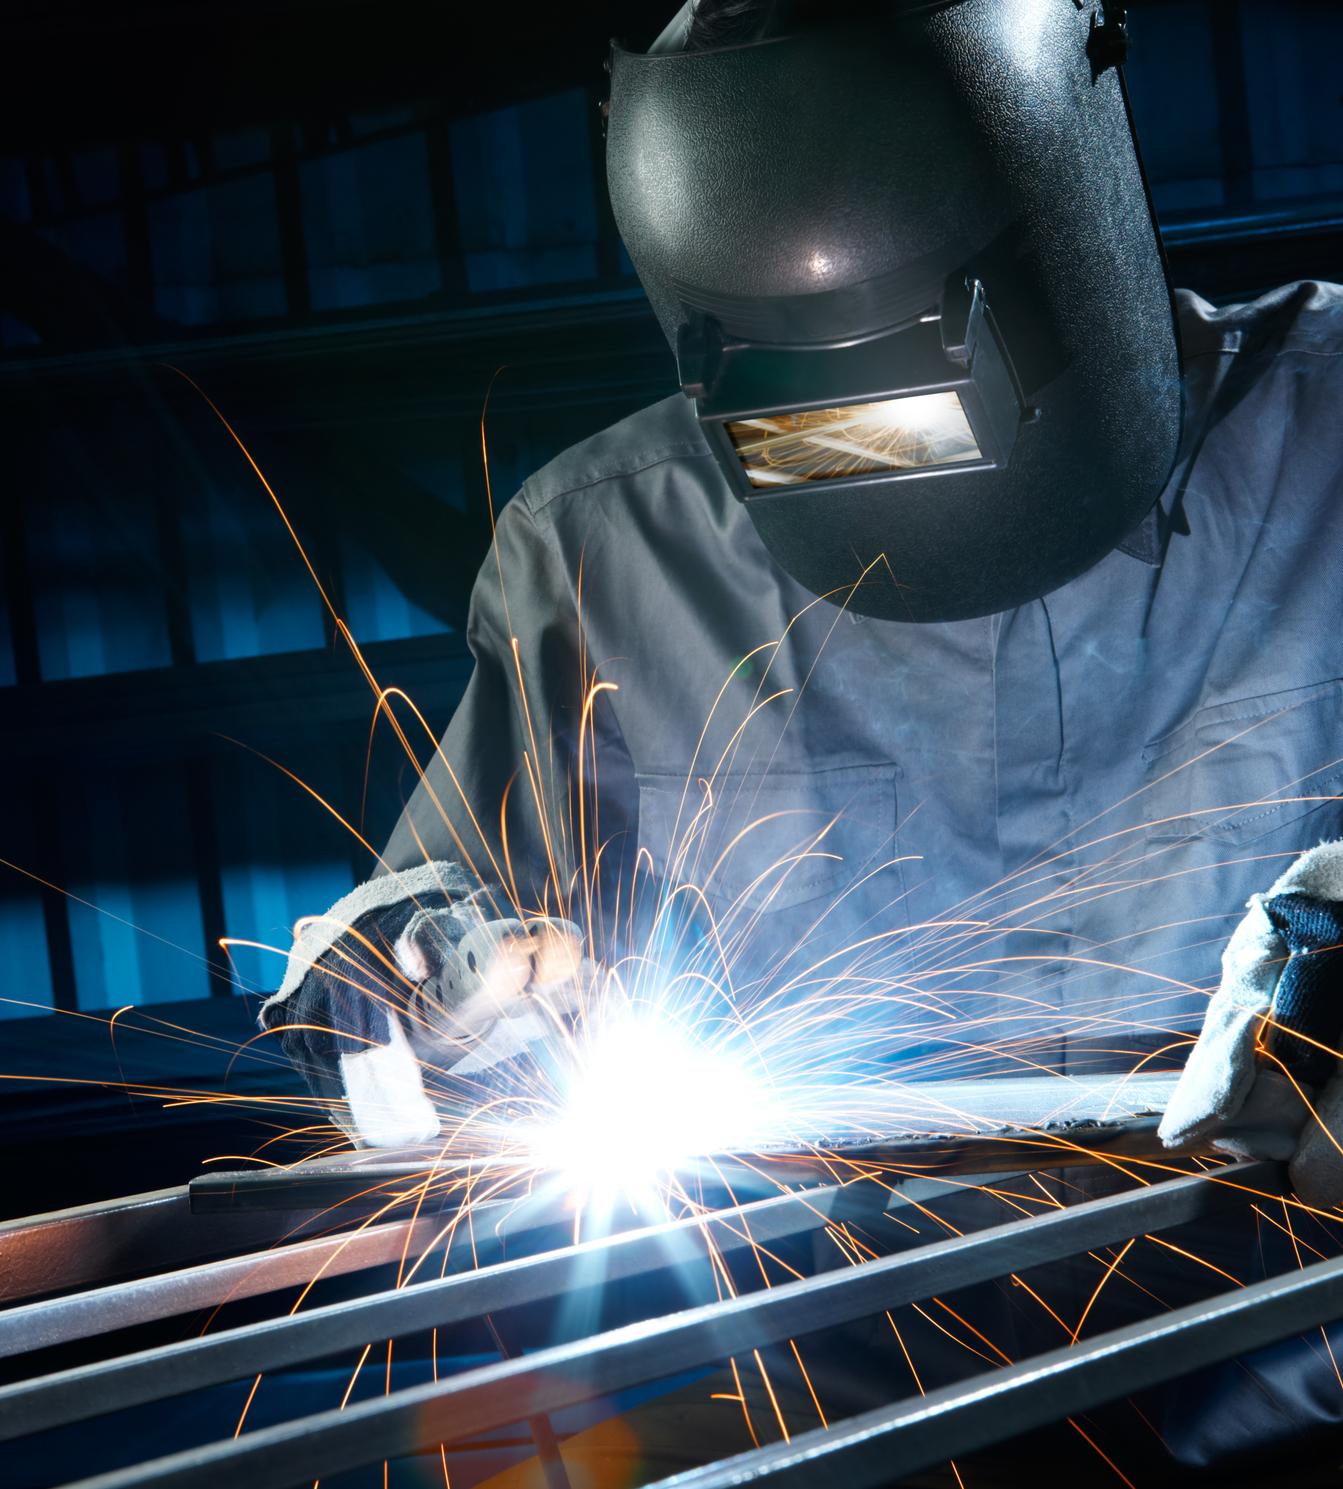 Welding in workshop